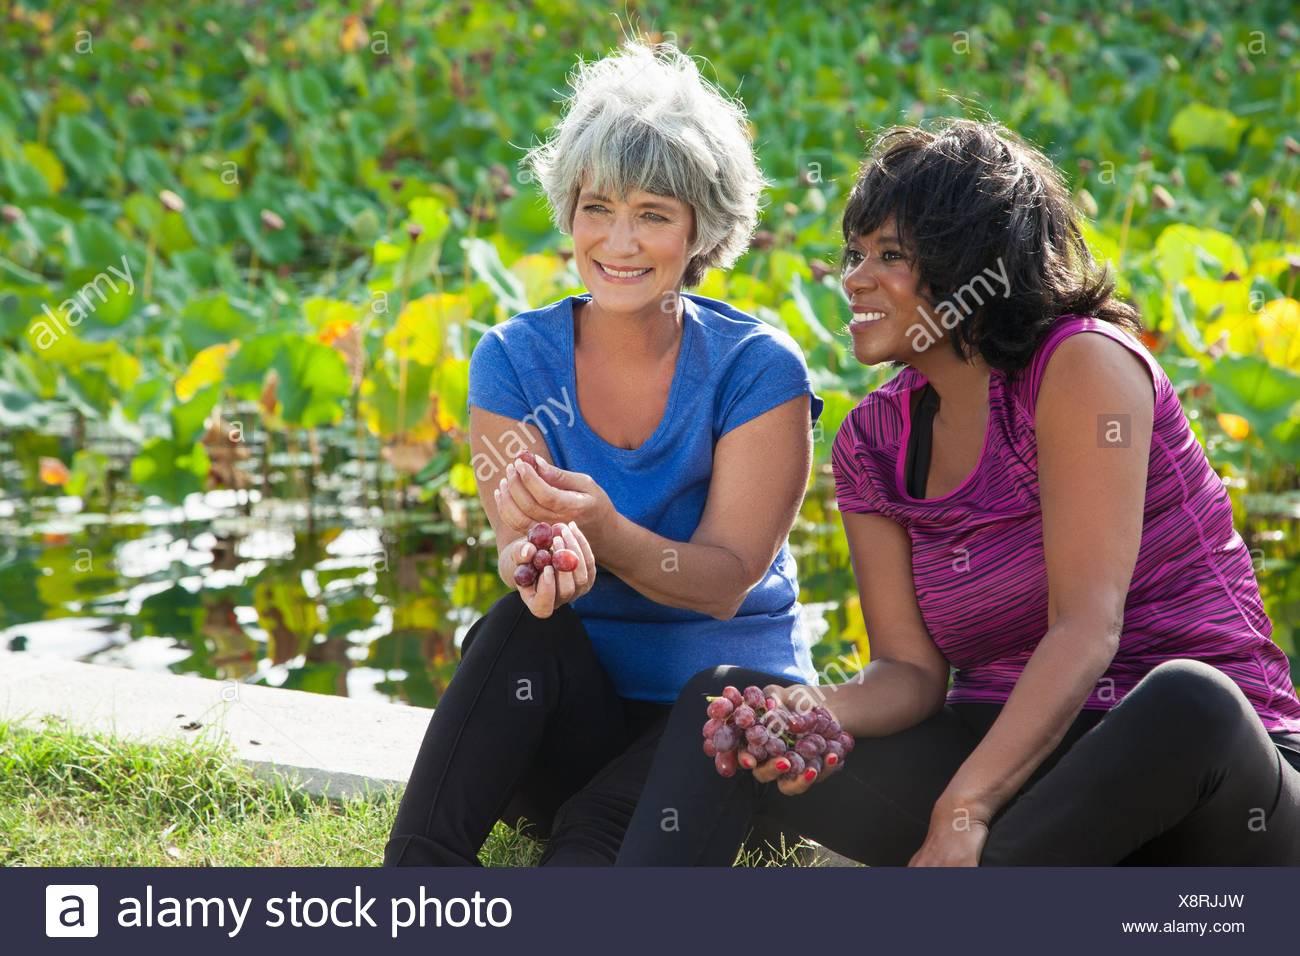 Femelle adulte friends sitting in park, manger du raisin Photo Stock